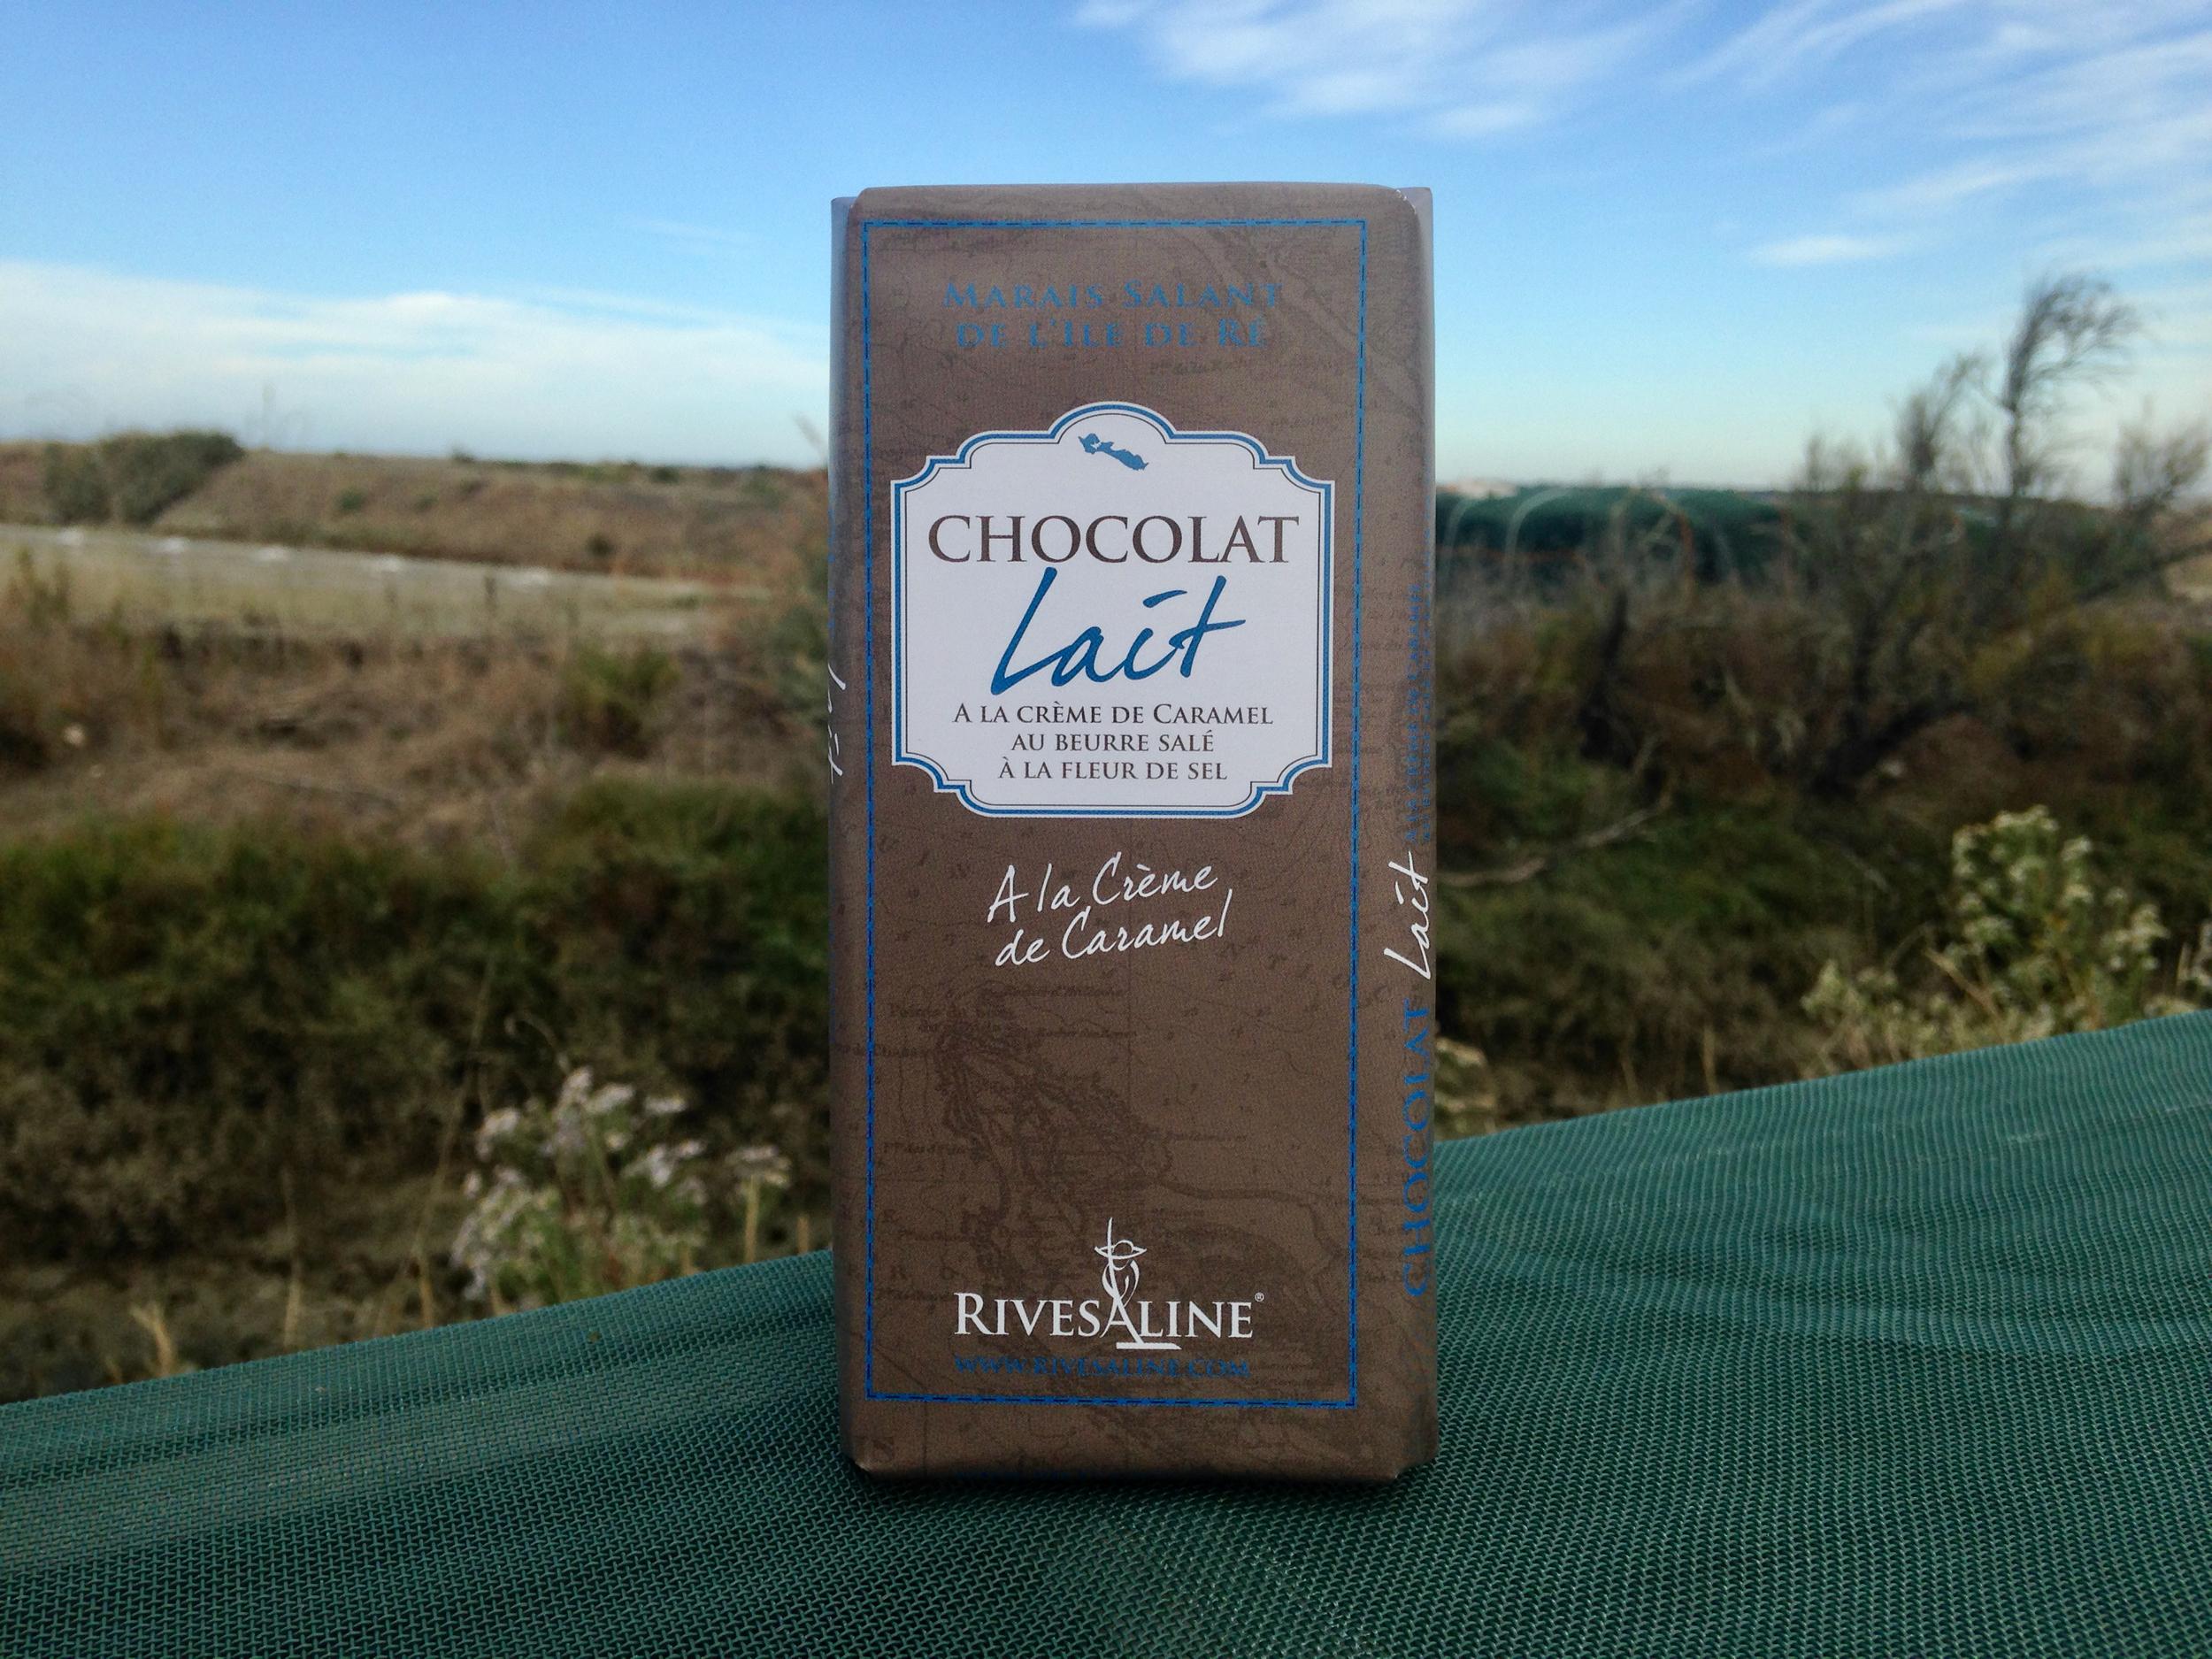 Tablette de chocolat au lait crème caramel - RIVESALINE